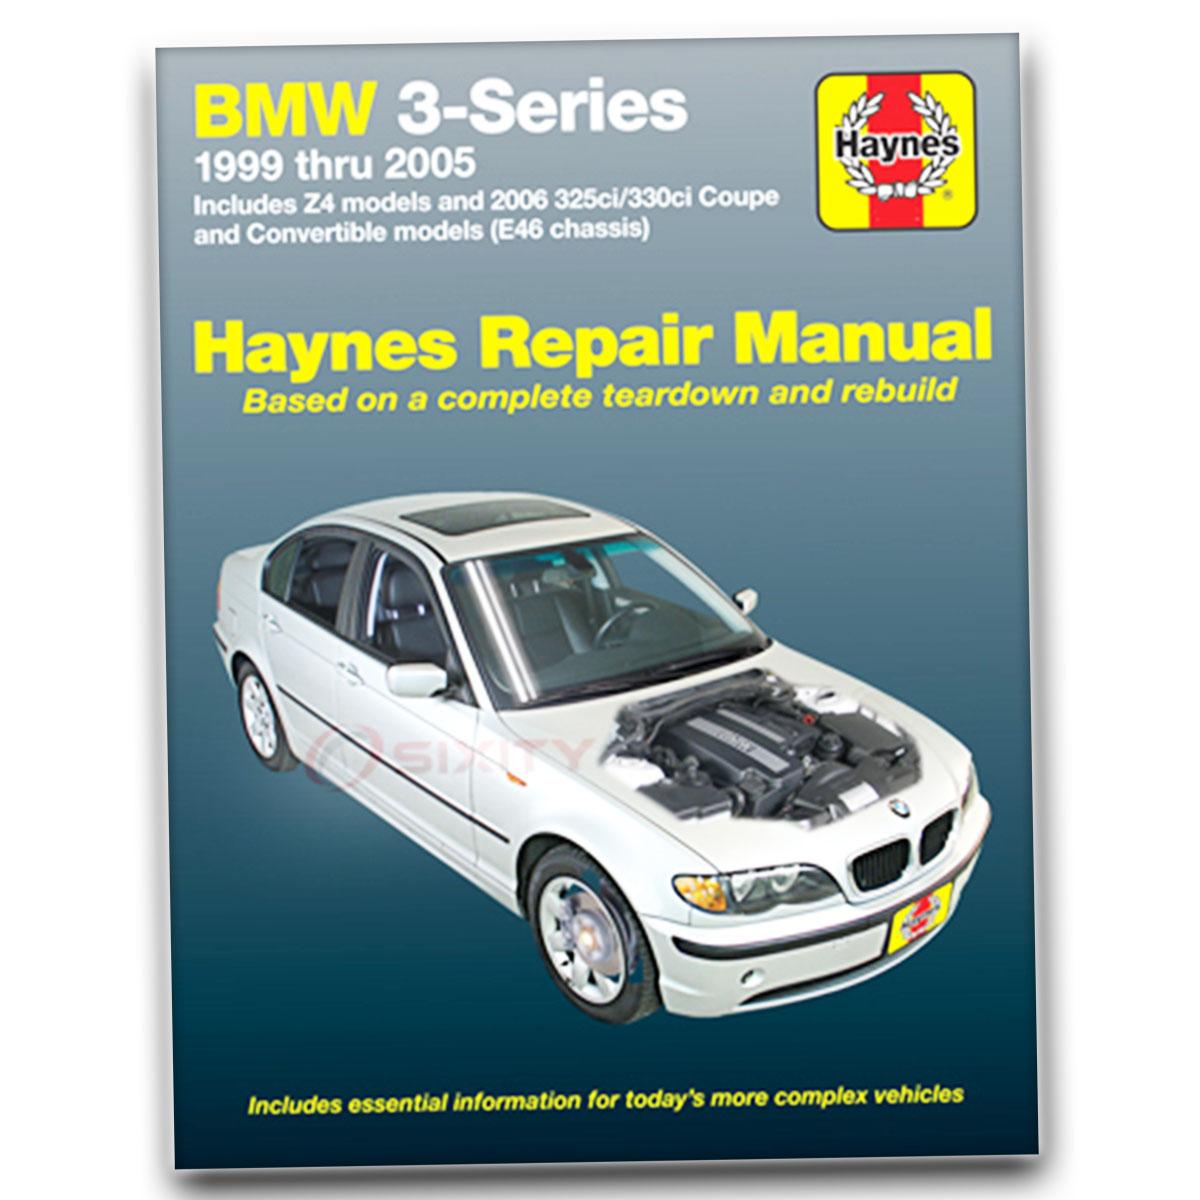 Haynes Repair Manual For 2001-2005 BMW 325i